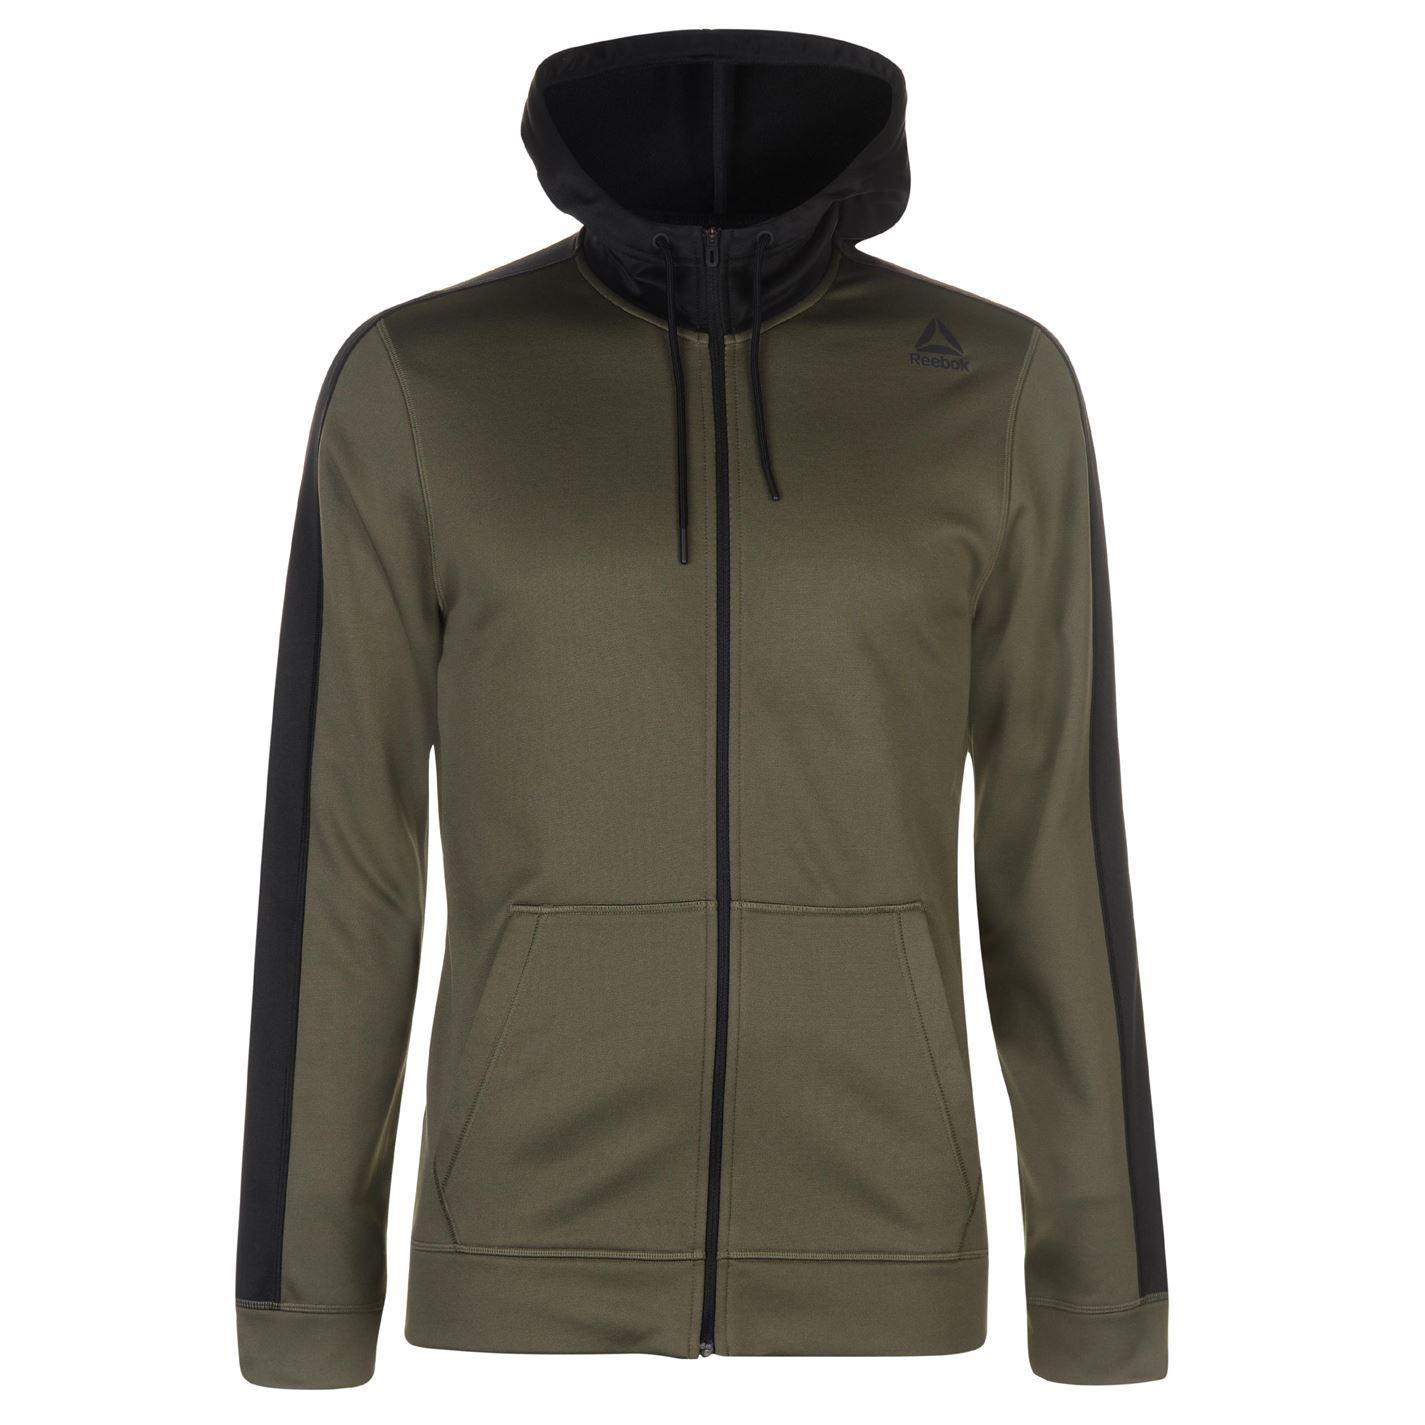 Reebok Elite Full Zip Hoody Jacket Mens Hoodie Sweatshirt Sweater ... 78f042183